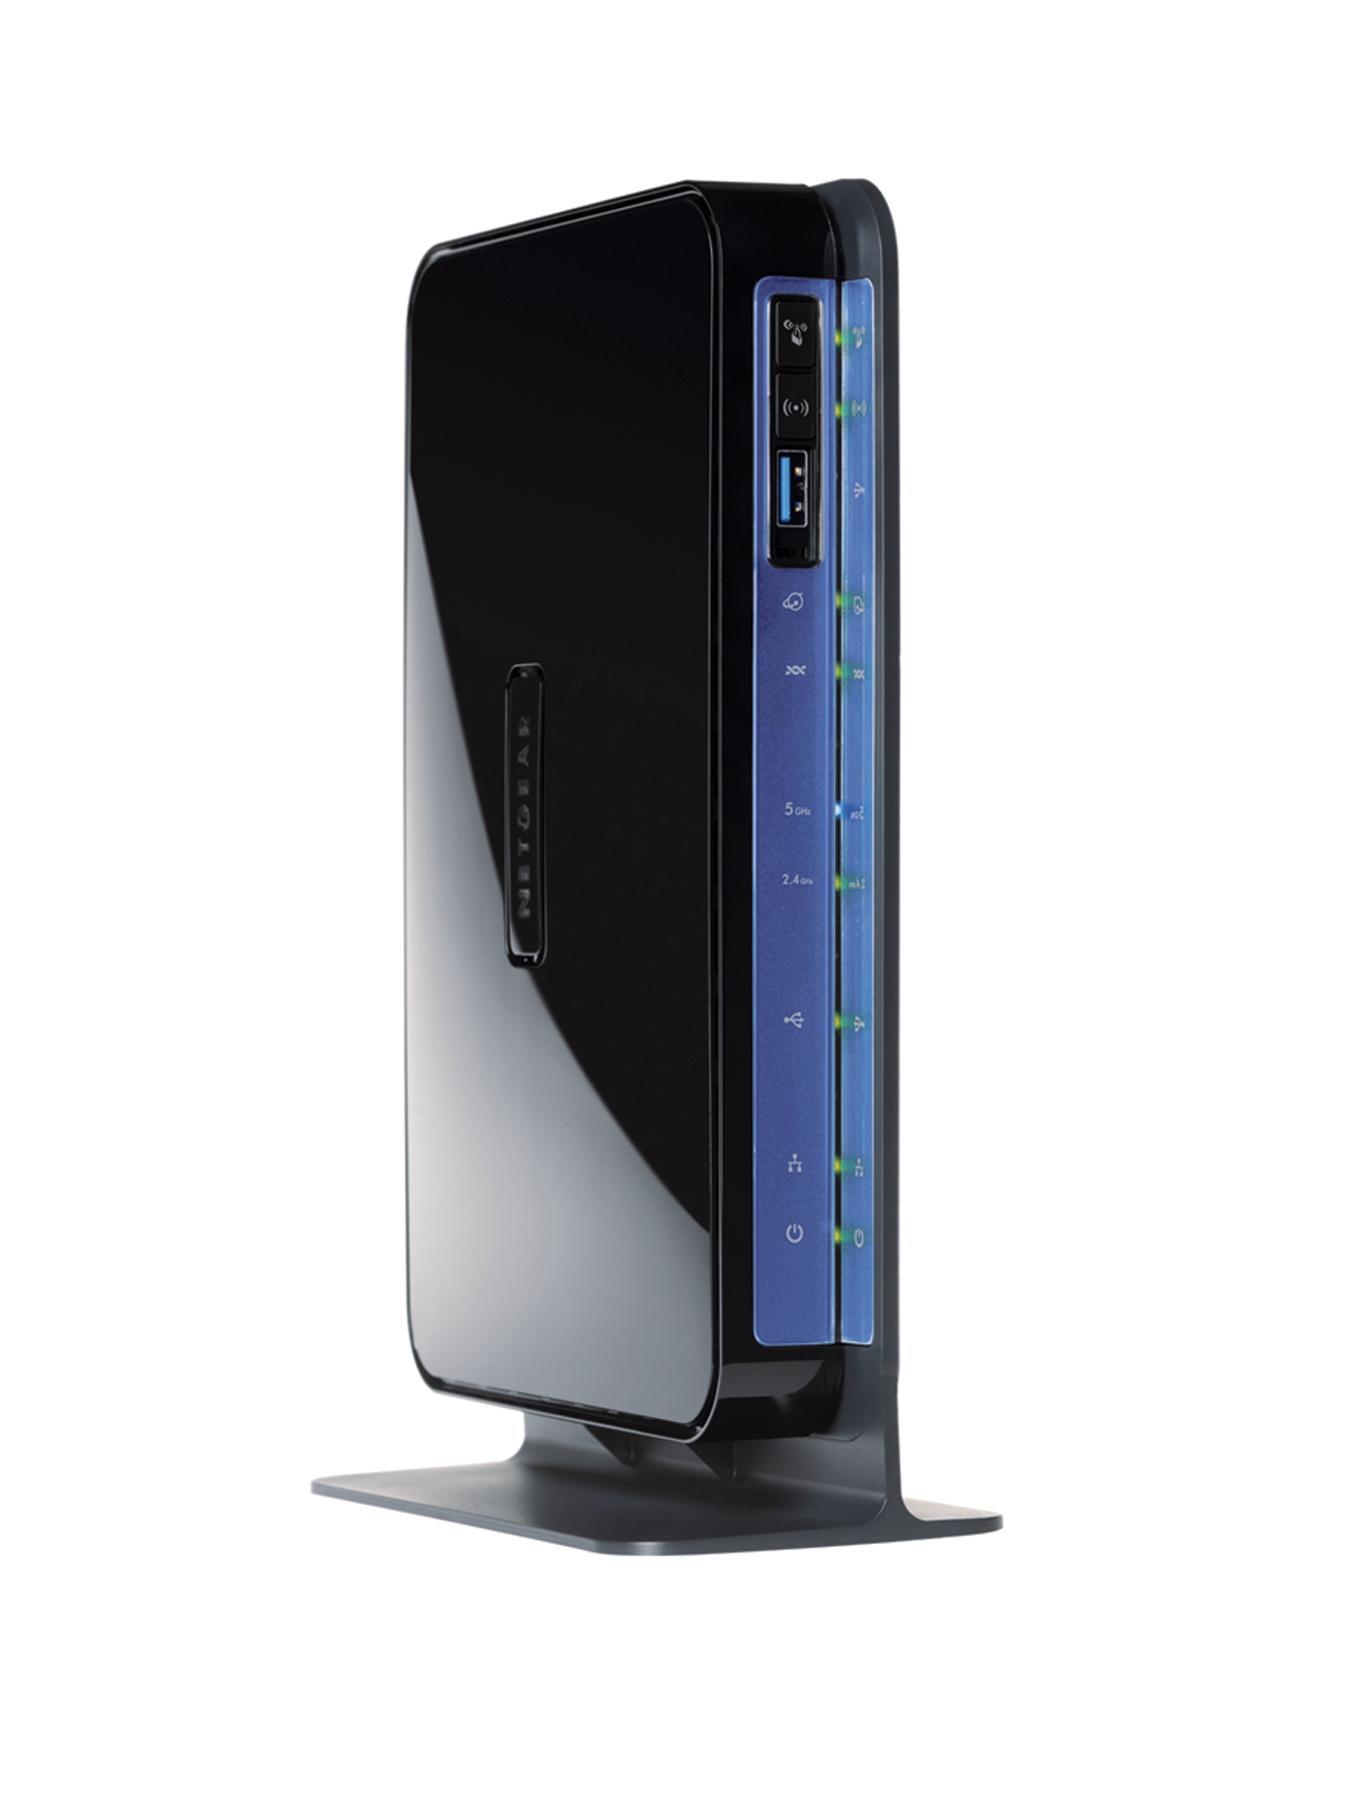 Netgear NETDGND3700 Wireless N 600 ADSL2+ Dual Band Gigabit Router + 4 x 10/100/1G